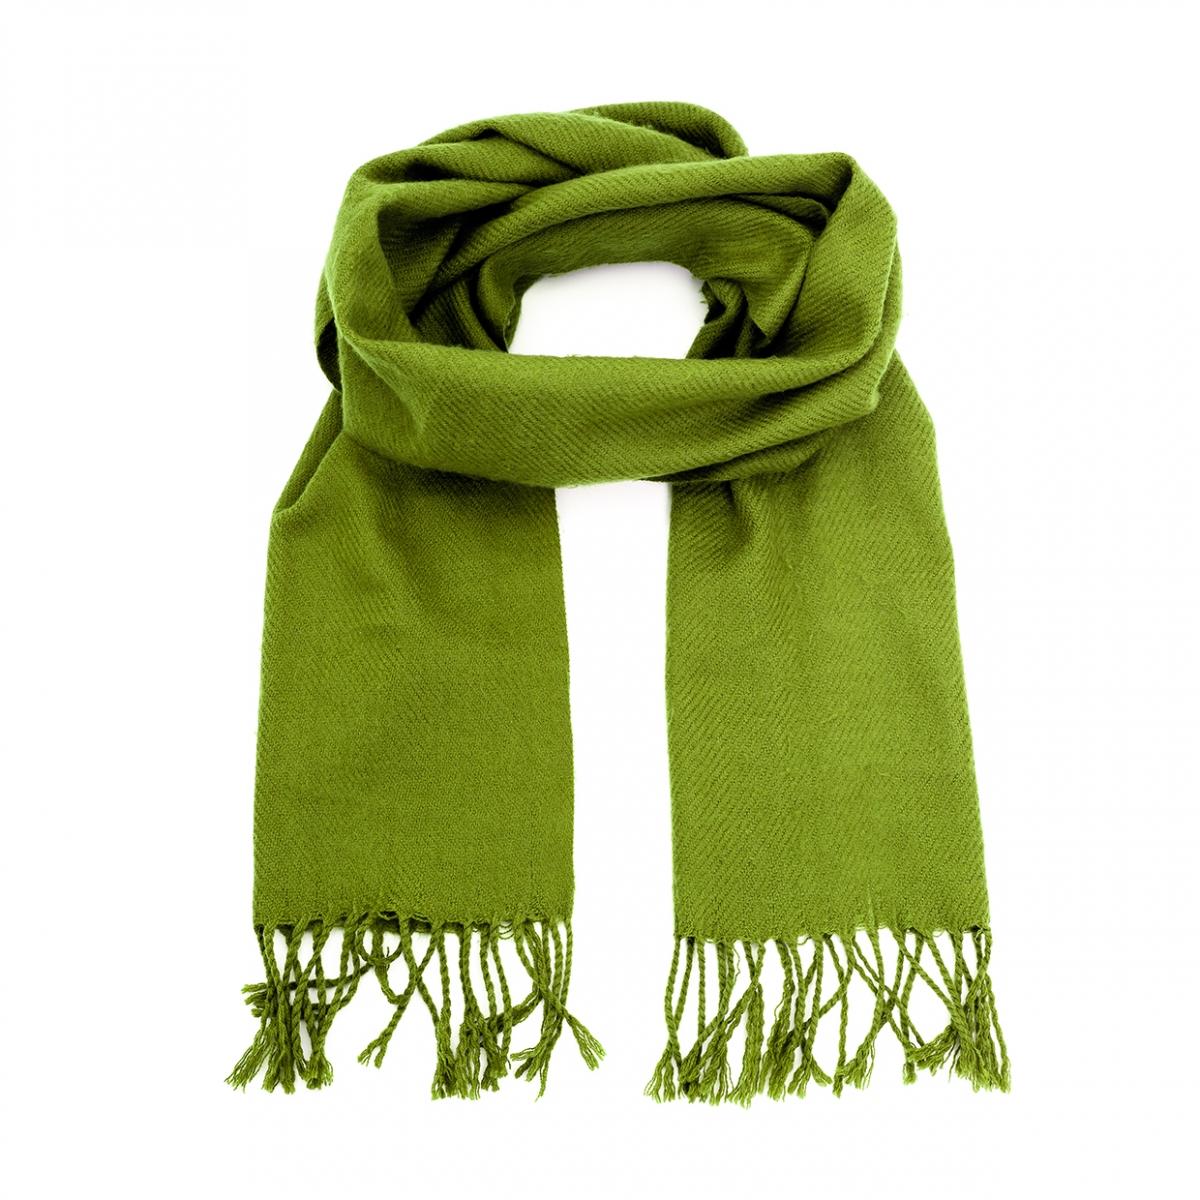 Imagen en la que se ve una bufanda de color verde